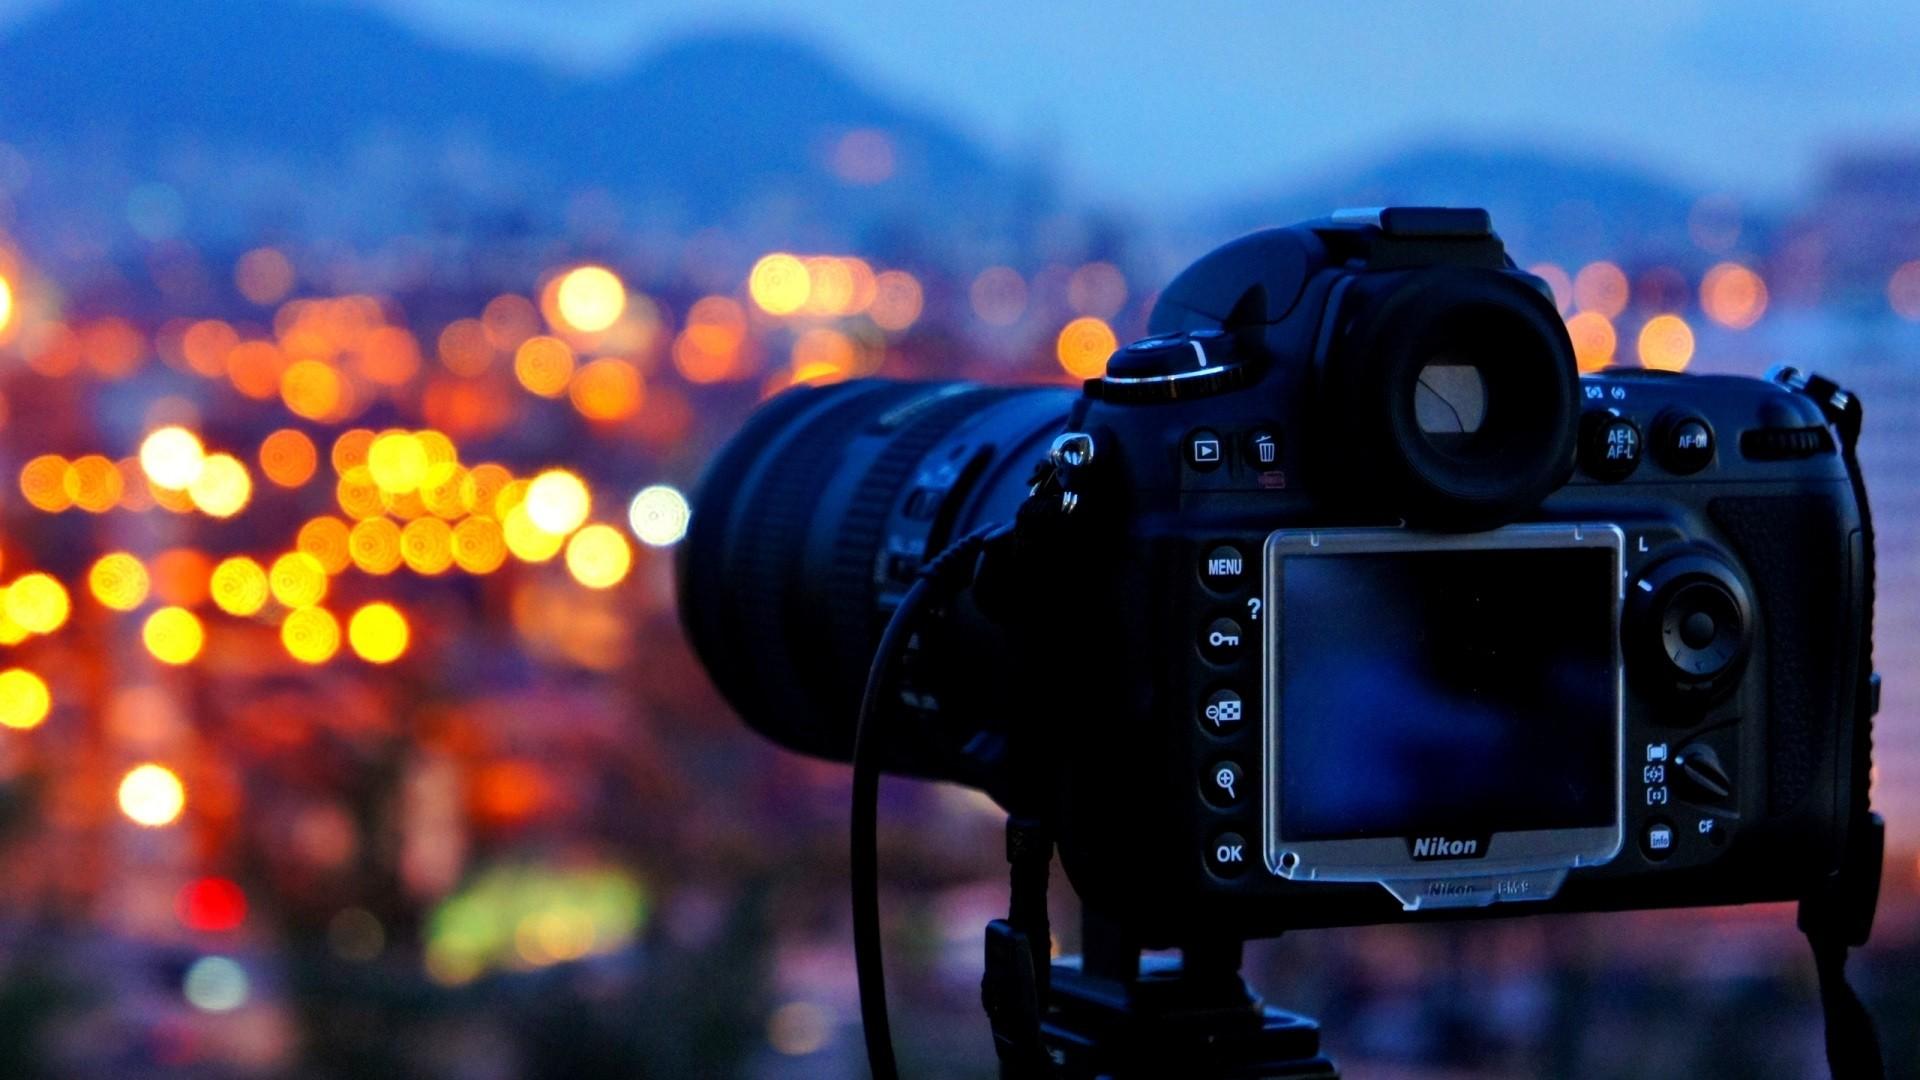 Camera hd wallpaper download